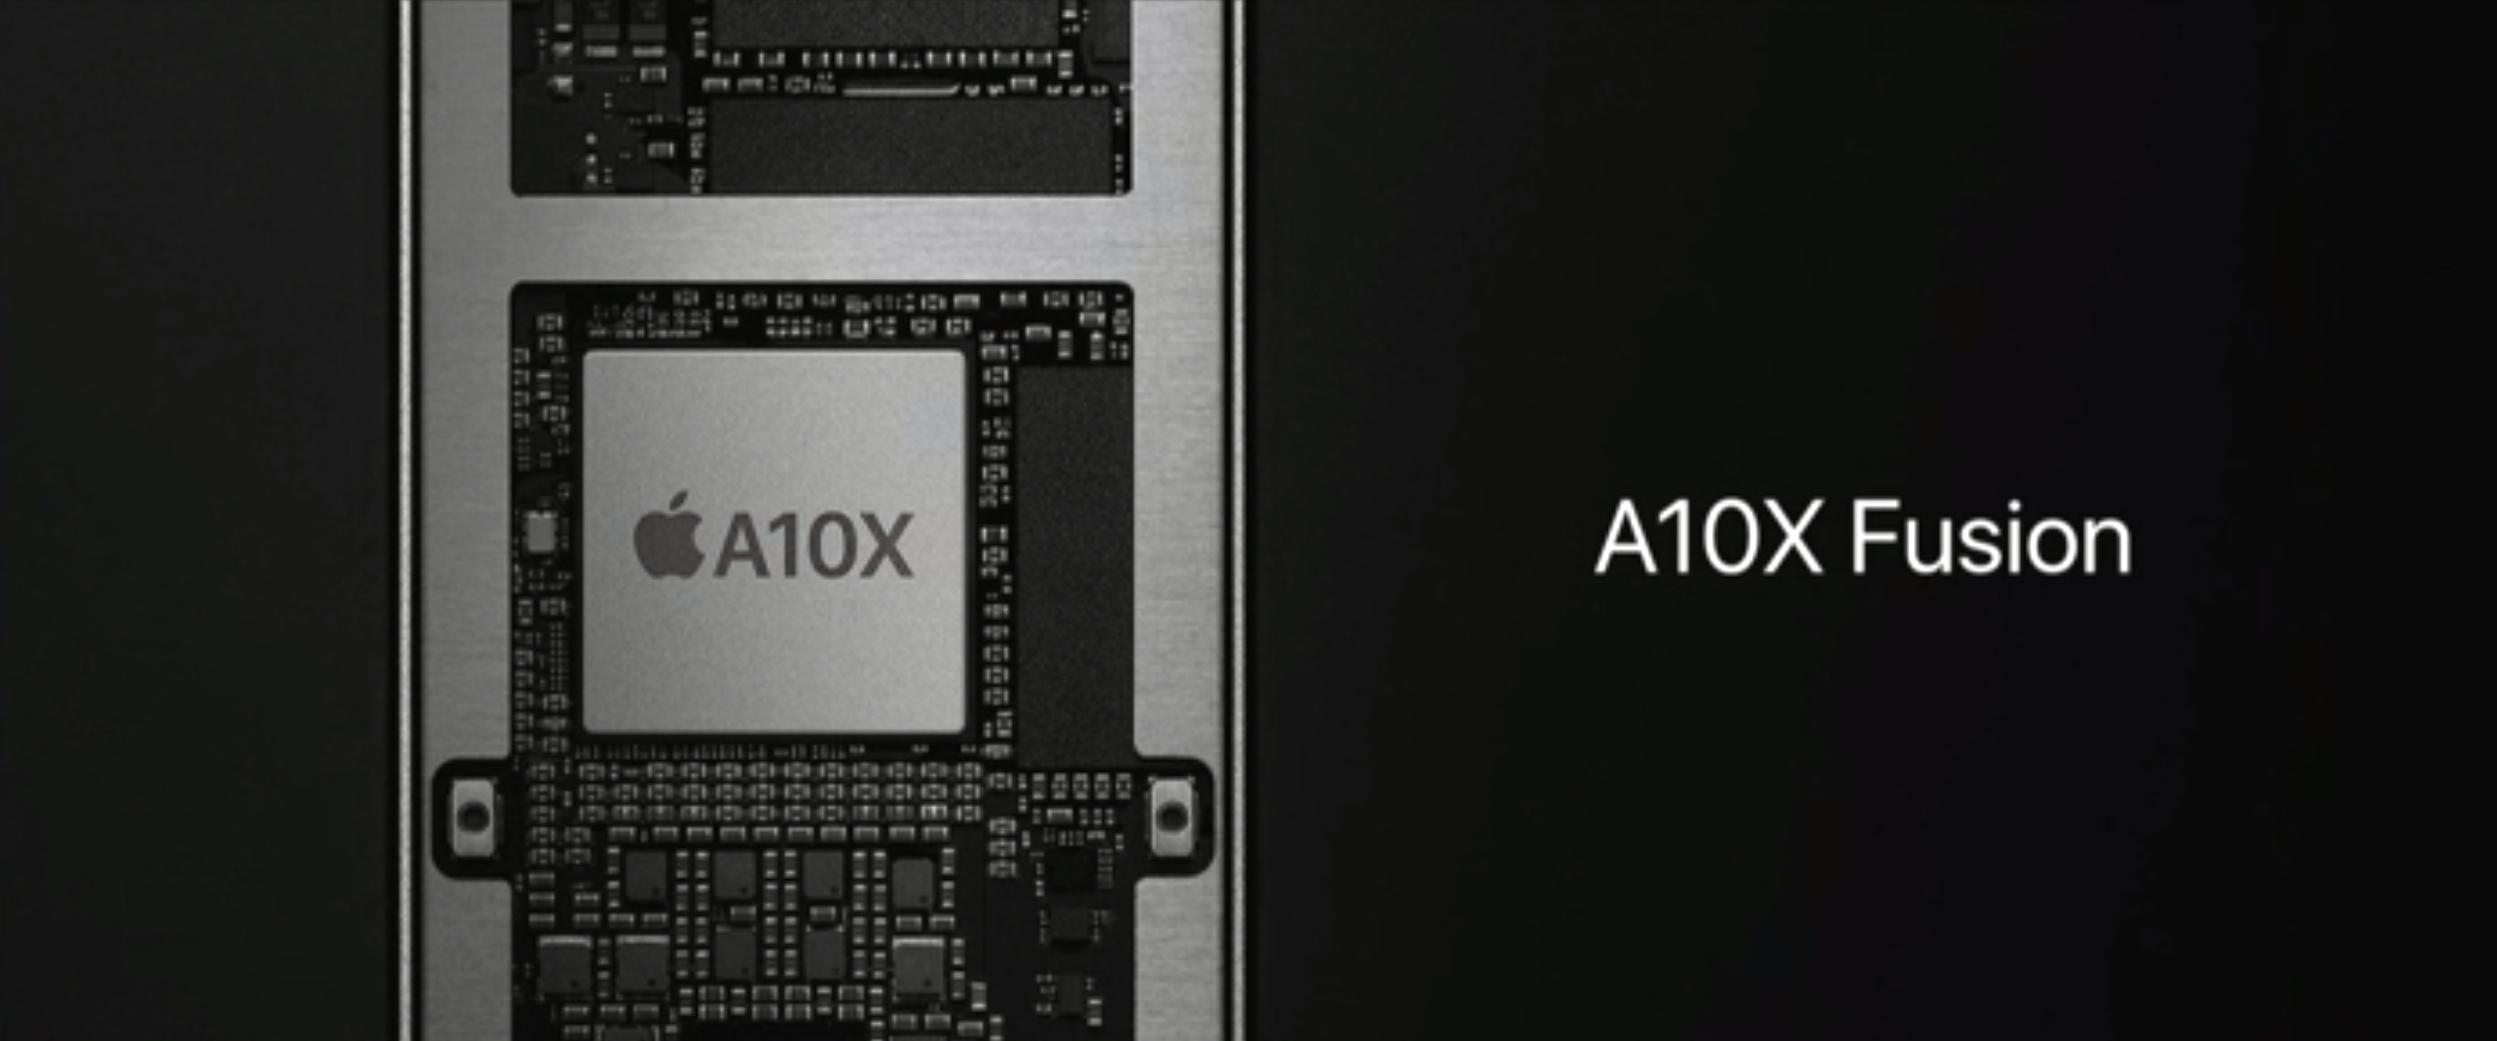 Déjà champion des performances, Apple passe à son tour au 10 nm pour ses processeurs